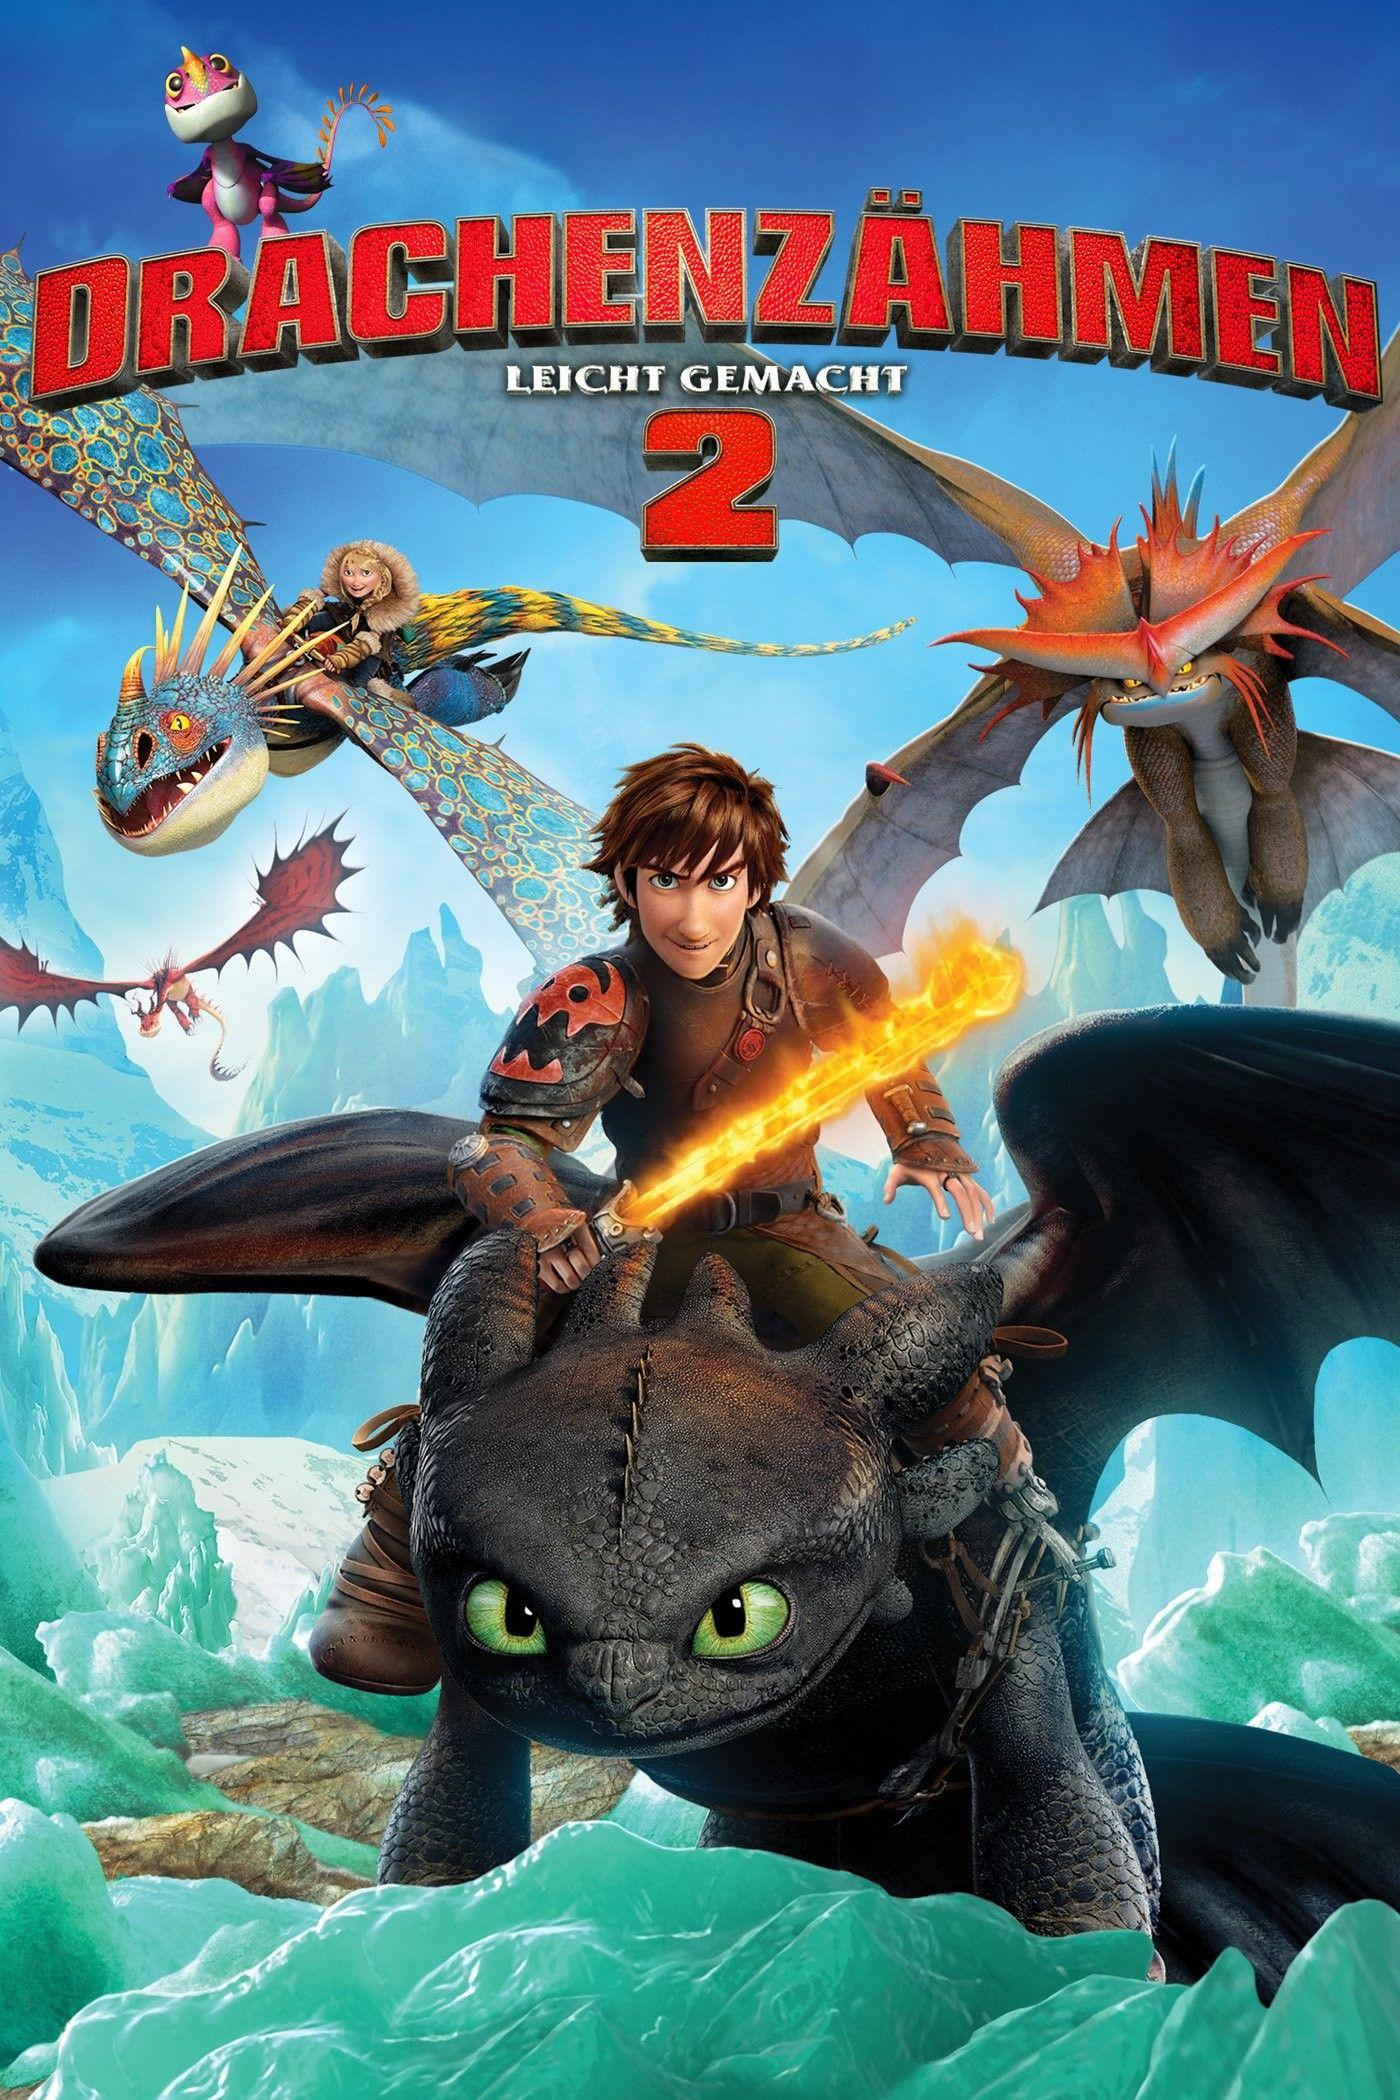 Drachenzahmen Leicht Gemacht 2 Kostenlos Online Anschauen 2014 Hd Full Film Deutsch How Train Your Dragon How To Train Your Dragon Kid Movies